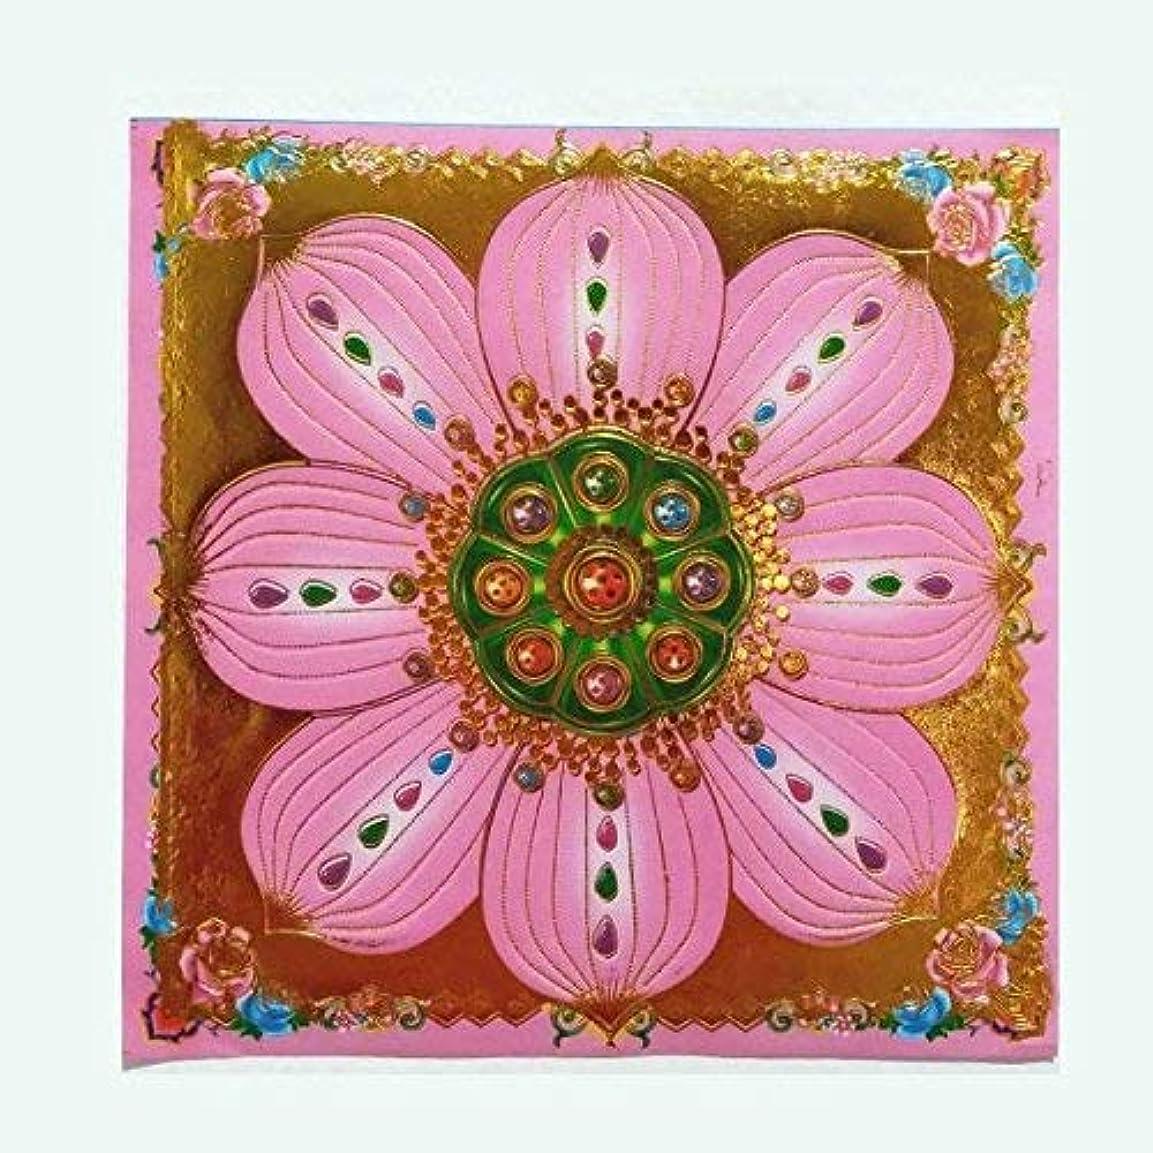 おとこ小間りんご40pcs Incense用紙/ Joss用紙ハイグレードカラフルwithゴールドの箔Sサイズの祖先Praying 7.5インチx 7.5インチ(ピンク)